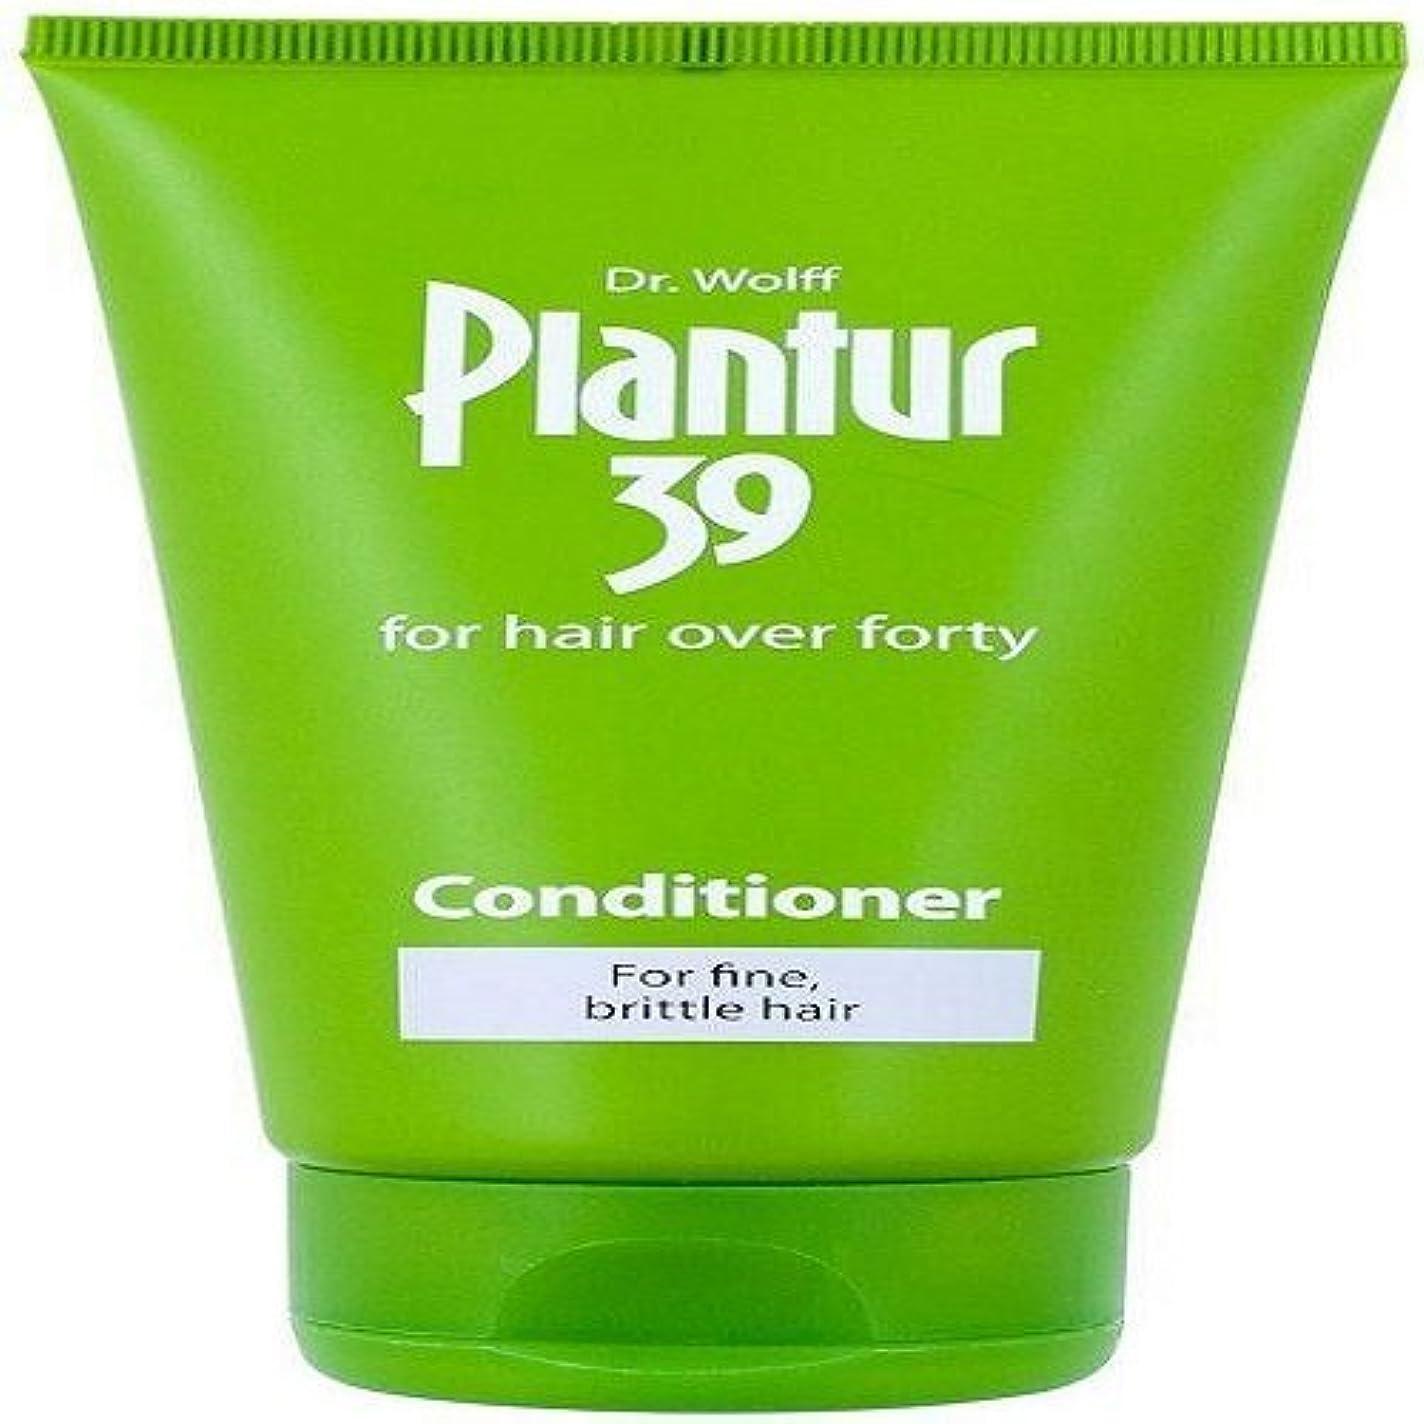 悔い改める三十共役Plantur 39 150ml Fine & Brittle hair conditioner by Plantur